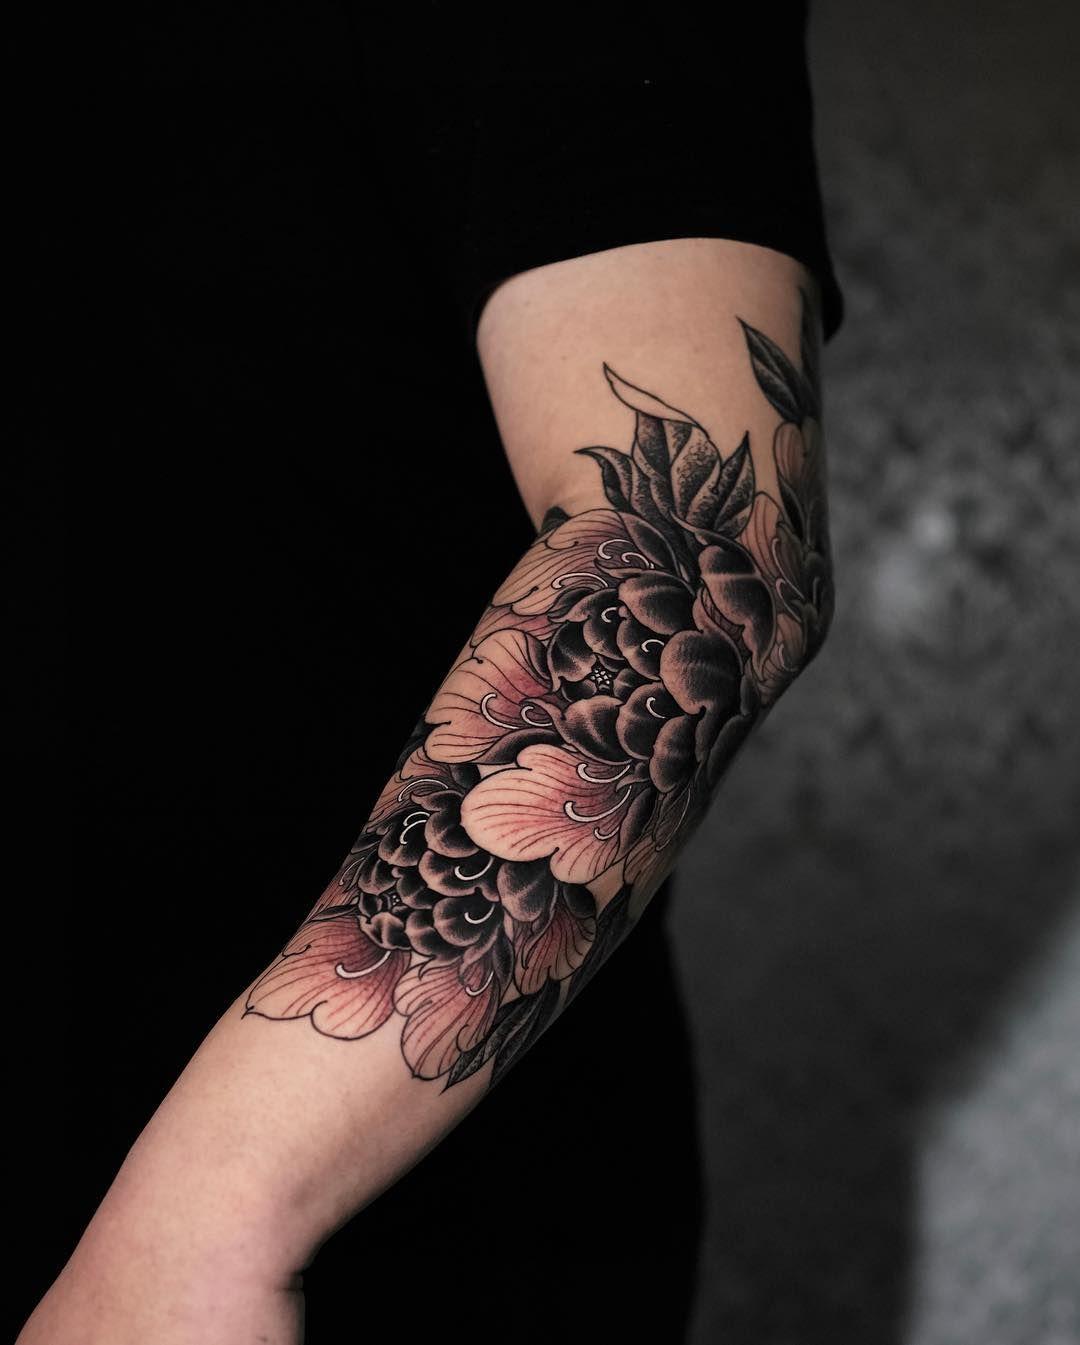 #tattoo #tätowierung #kunst #körperkunst #idee #design #tattoospirit #blume #unterarm